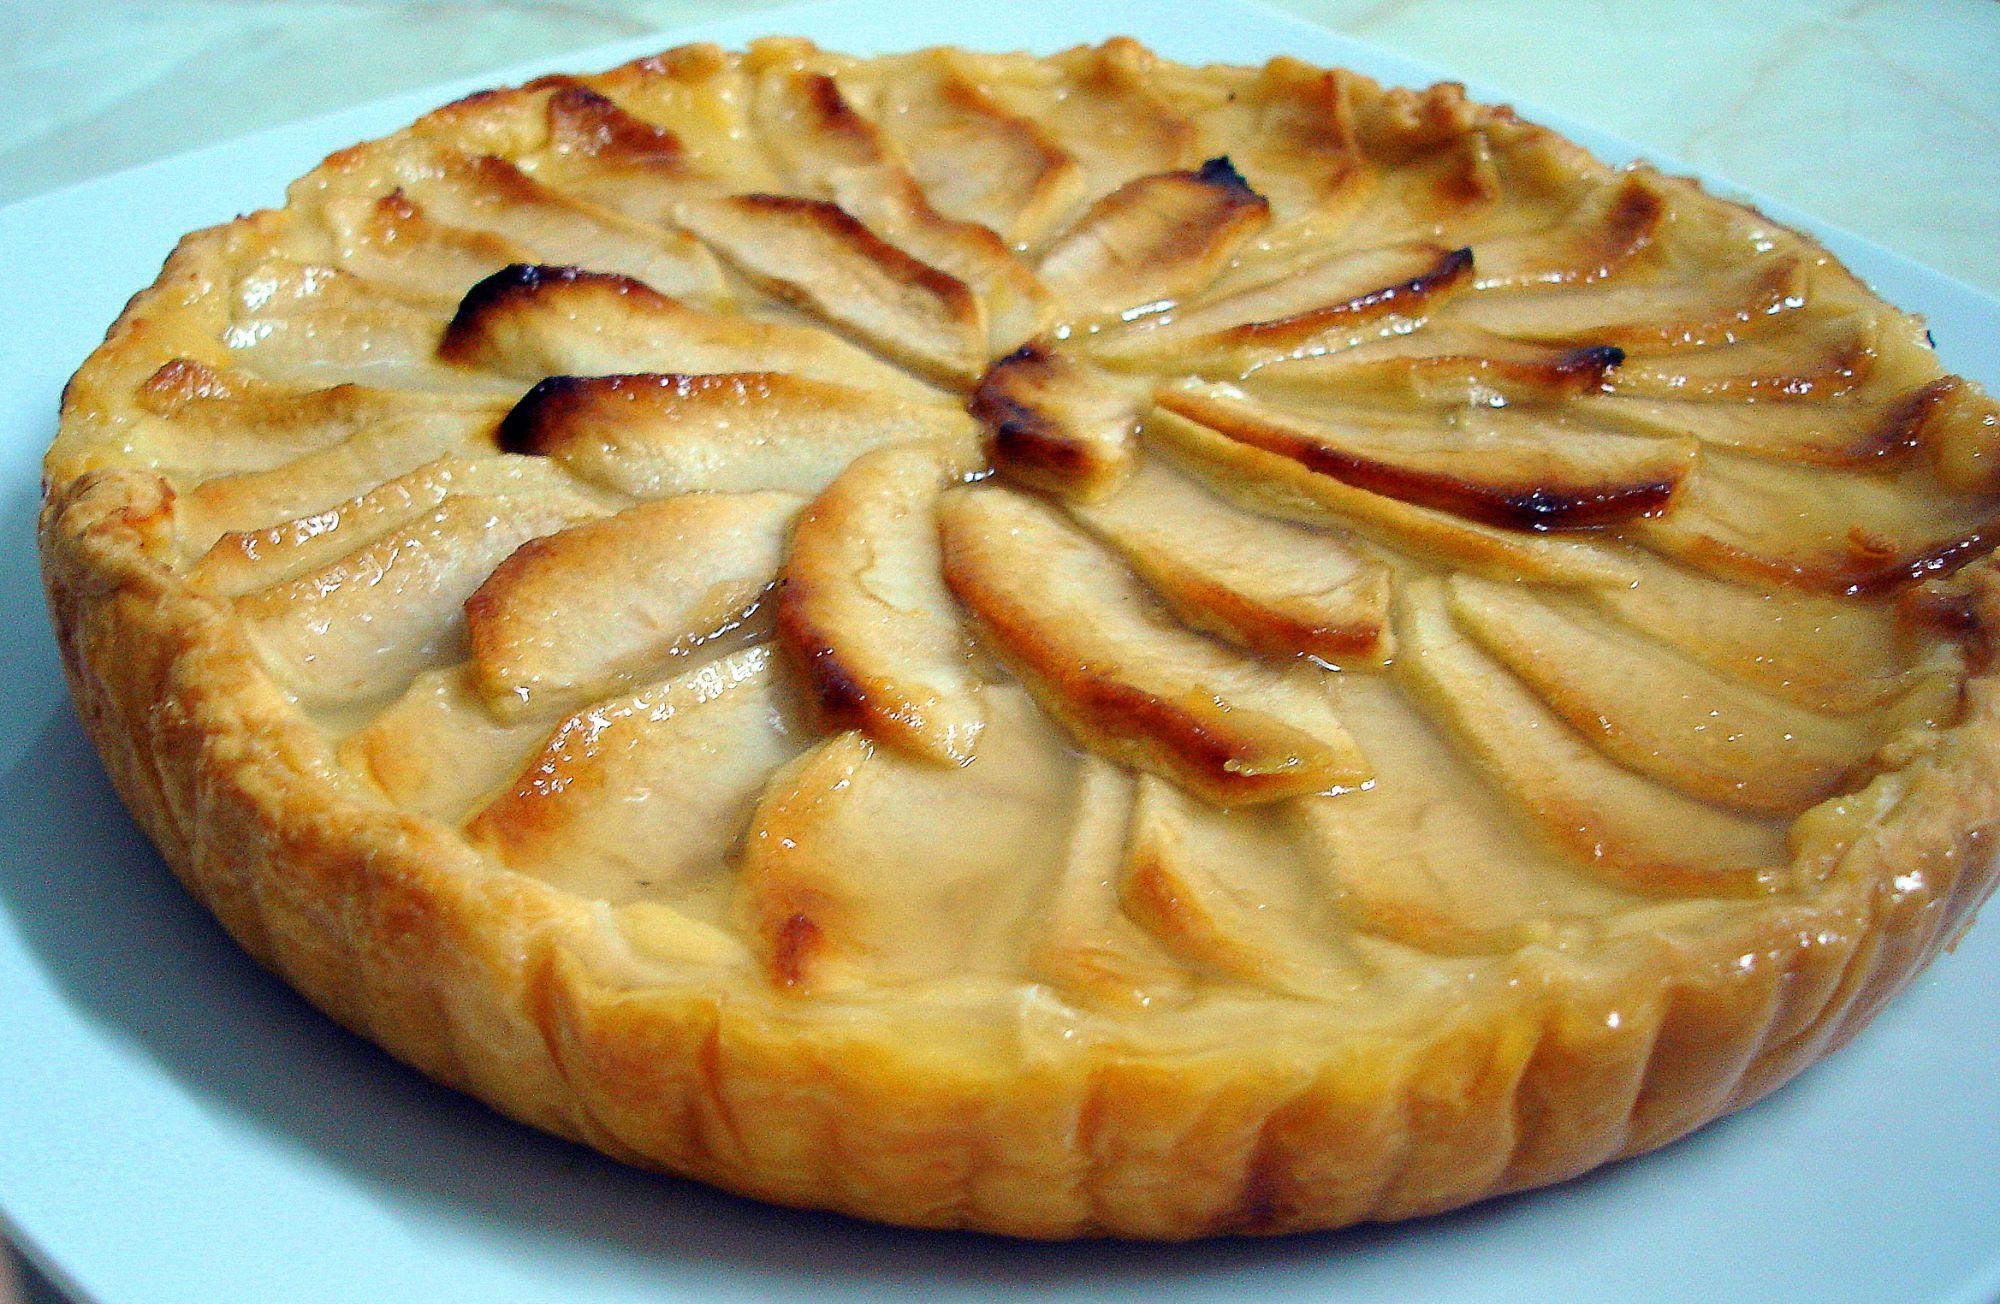 Tarta de manzanas y miel 3 5 - Pure de castanas y manzana ...